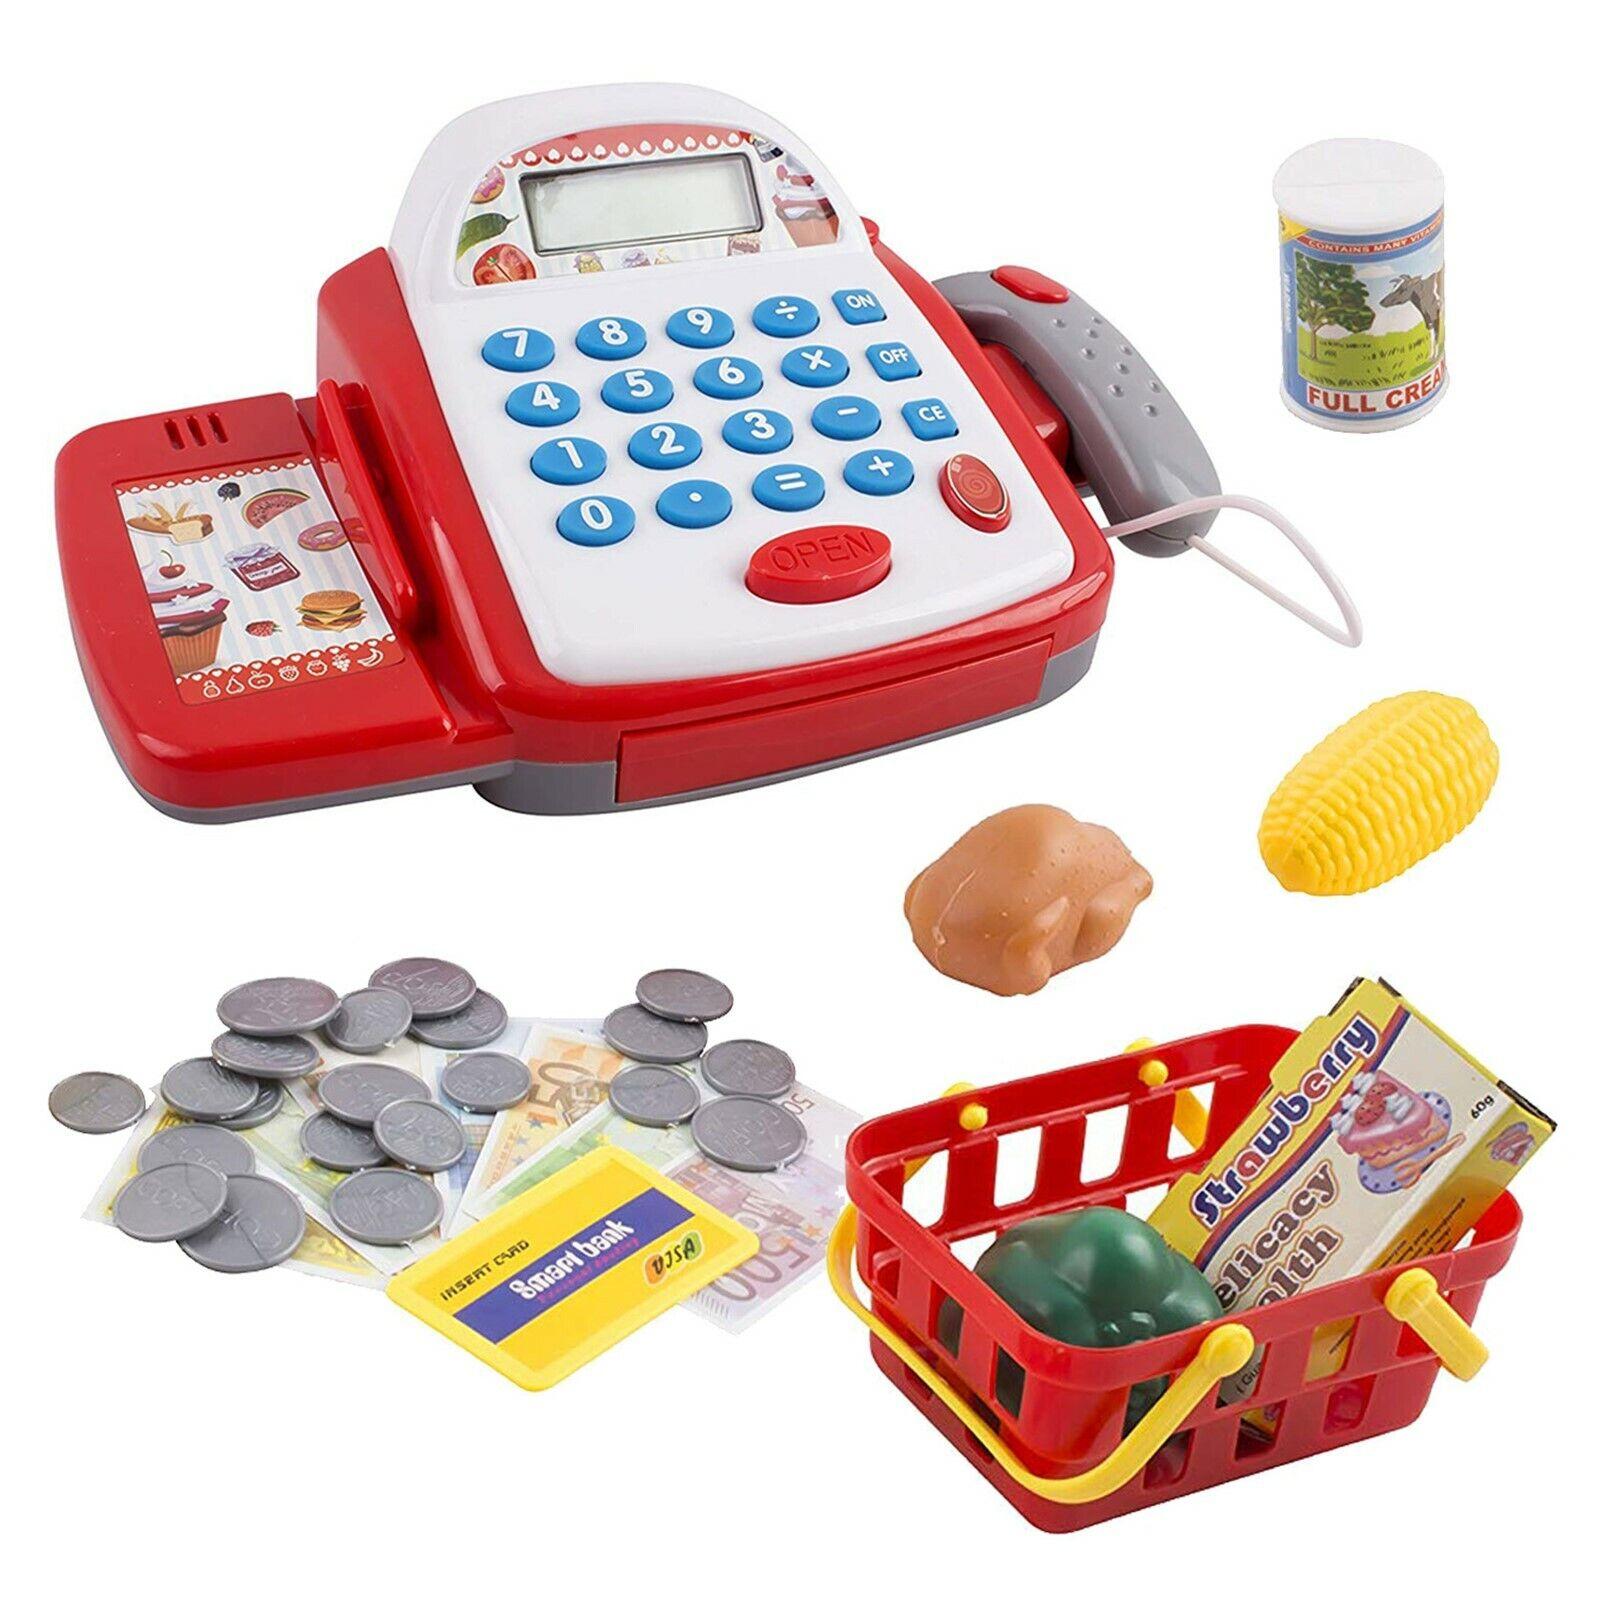 Toy Cash Register Pretend Play Supermarket Cashier Playset W